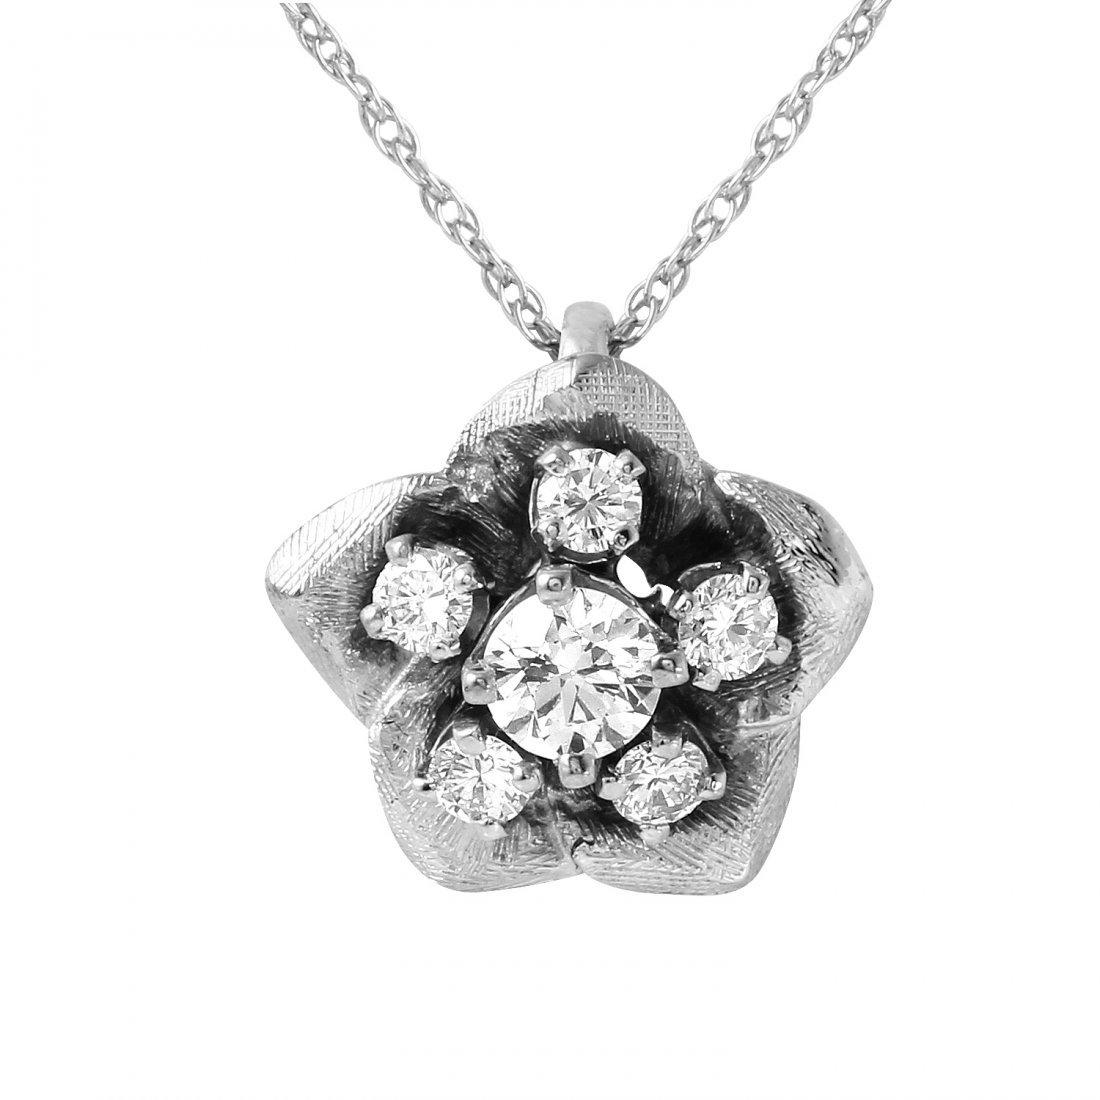 14KT White Gold Diamond Pendant & Chain